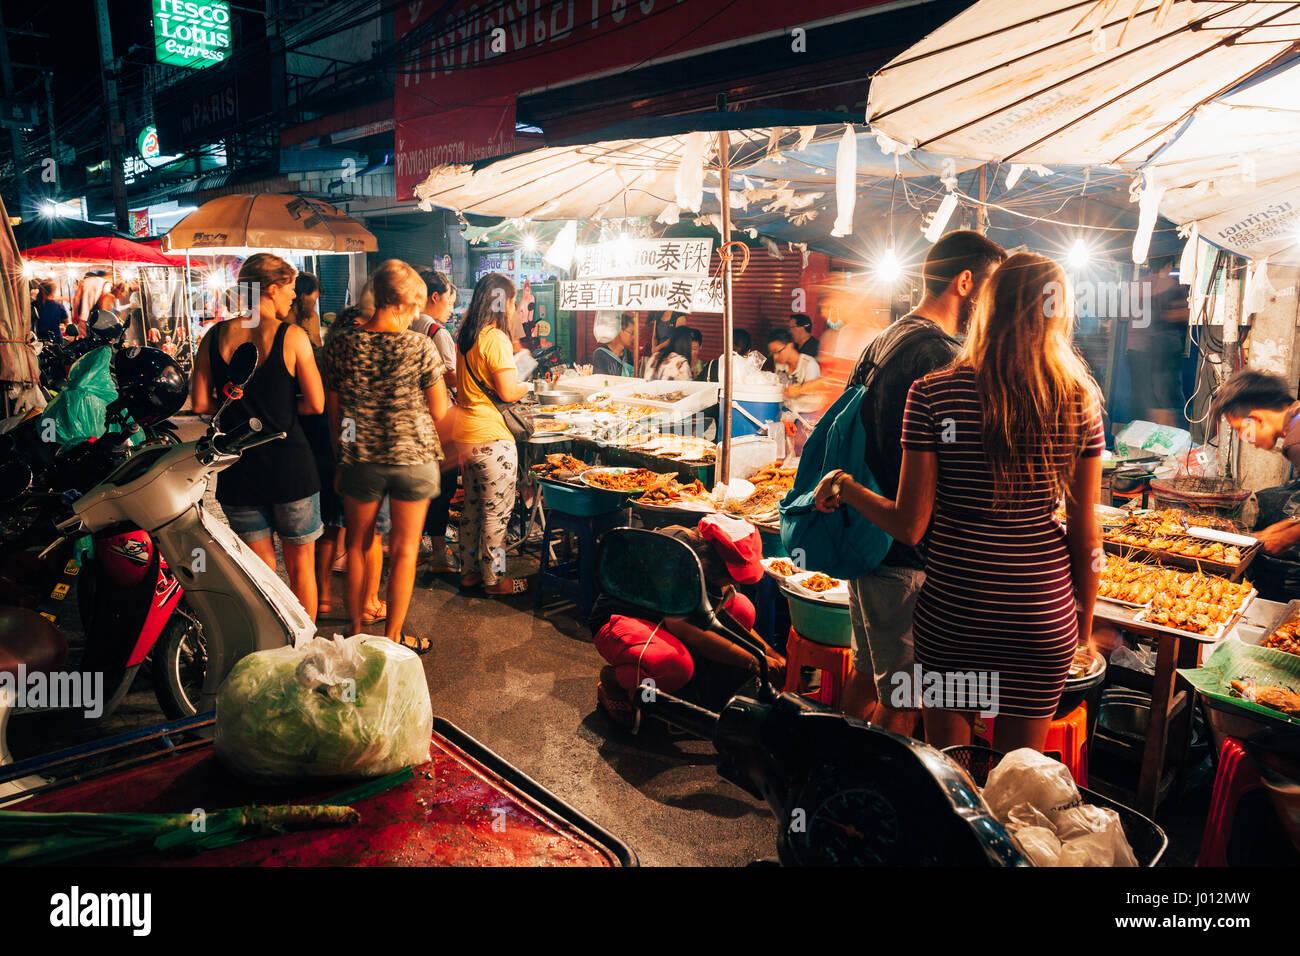 Chiang Mai, Tailandia, 27 de agosto de 2016: turistas eligen los alimentos en el mercado del sábado noche, Imagen De Stock